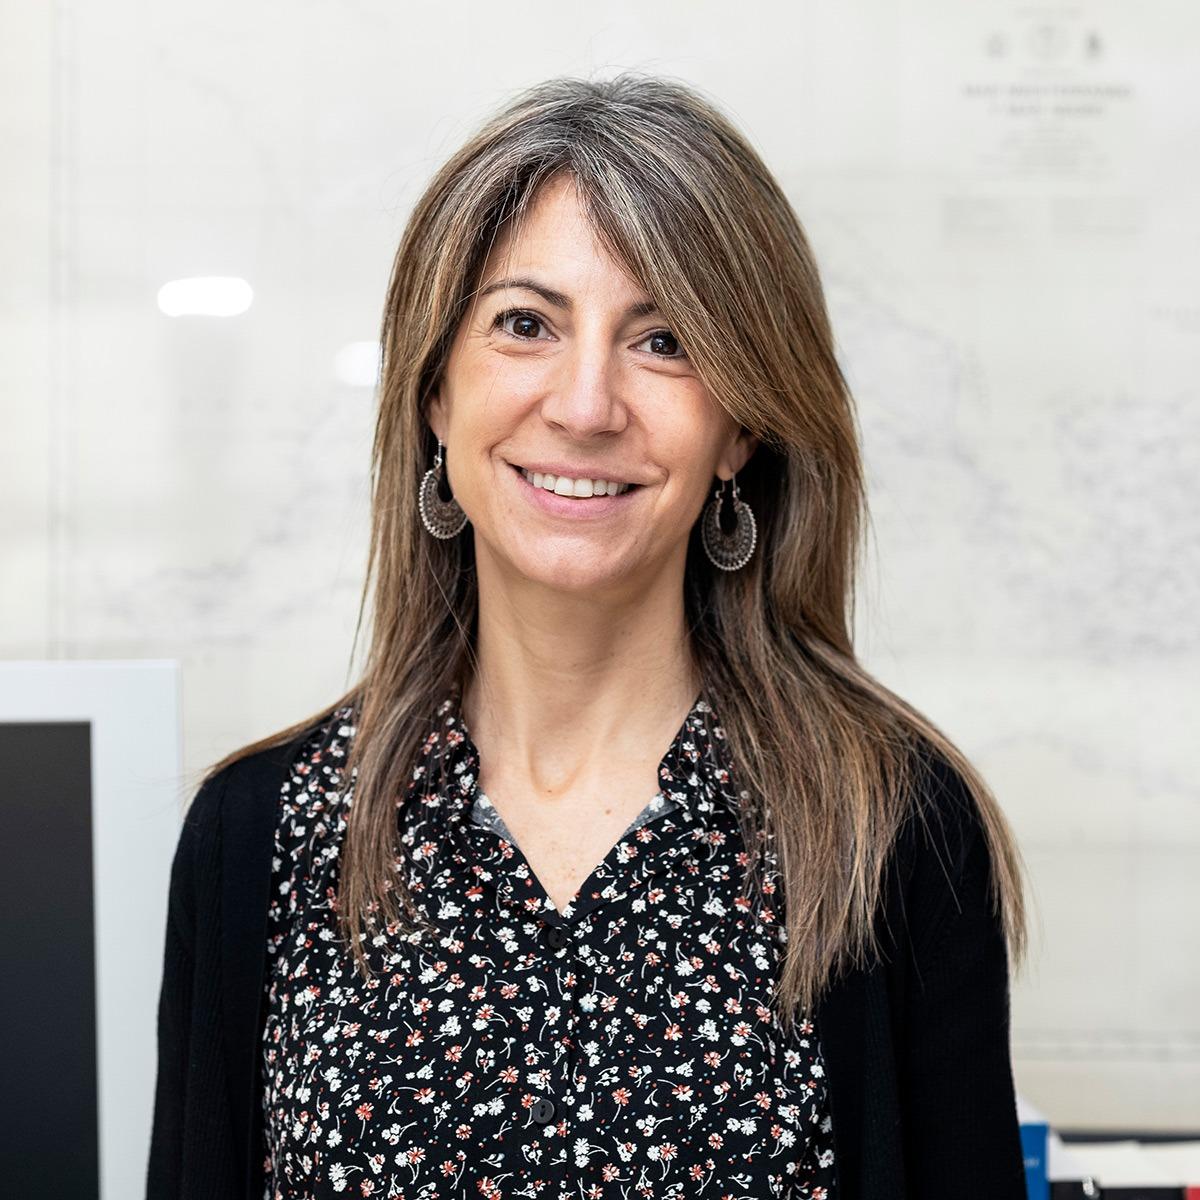 Núria Esparza